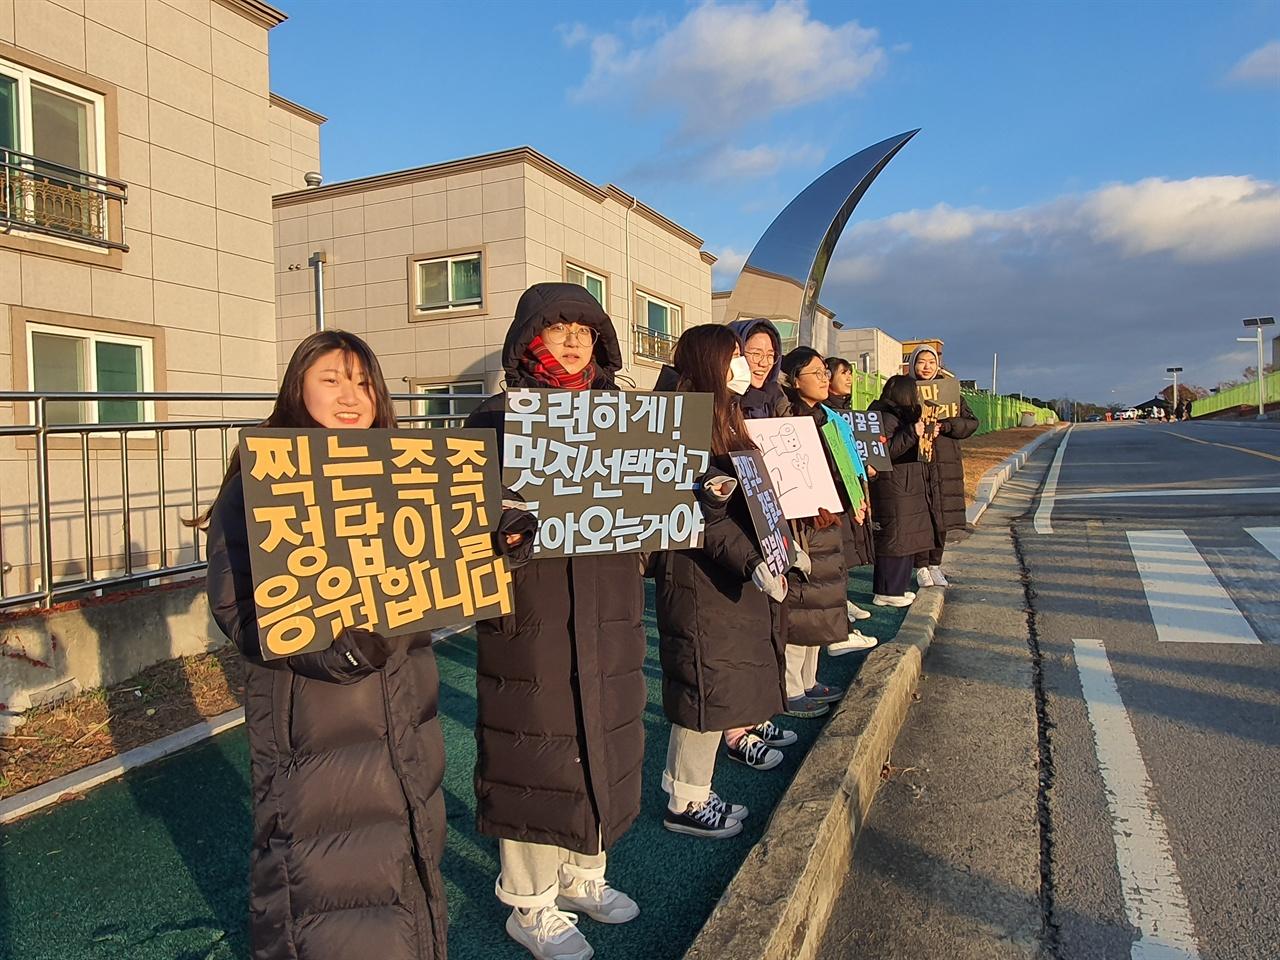 수능이 열리는 14일, 홍성은 3개 시험장(홍성고, 홍성여고, 홍주고) 32개 시험장에서, 모두 819명의 학생이 수능시험에 응시했다. 홍성여고 앞에서 후배들이 선배들을 응원하고 있다.